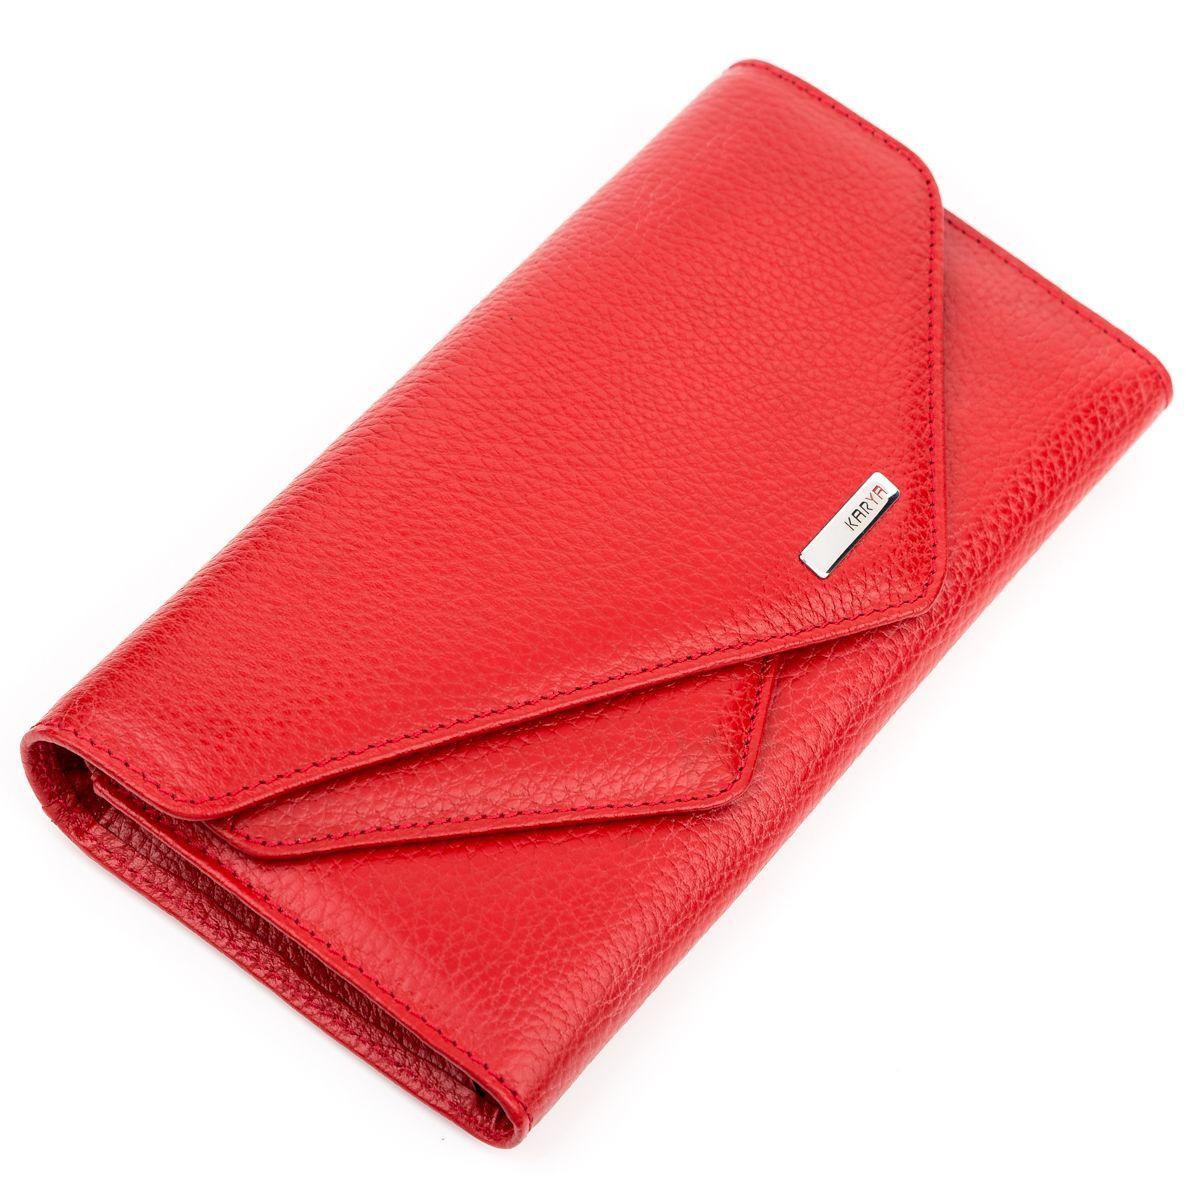 Кошелек женский KARYA 17188 кожаный Красный, Красный